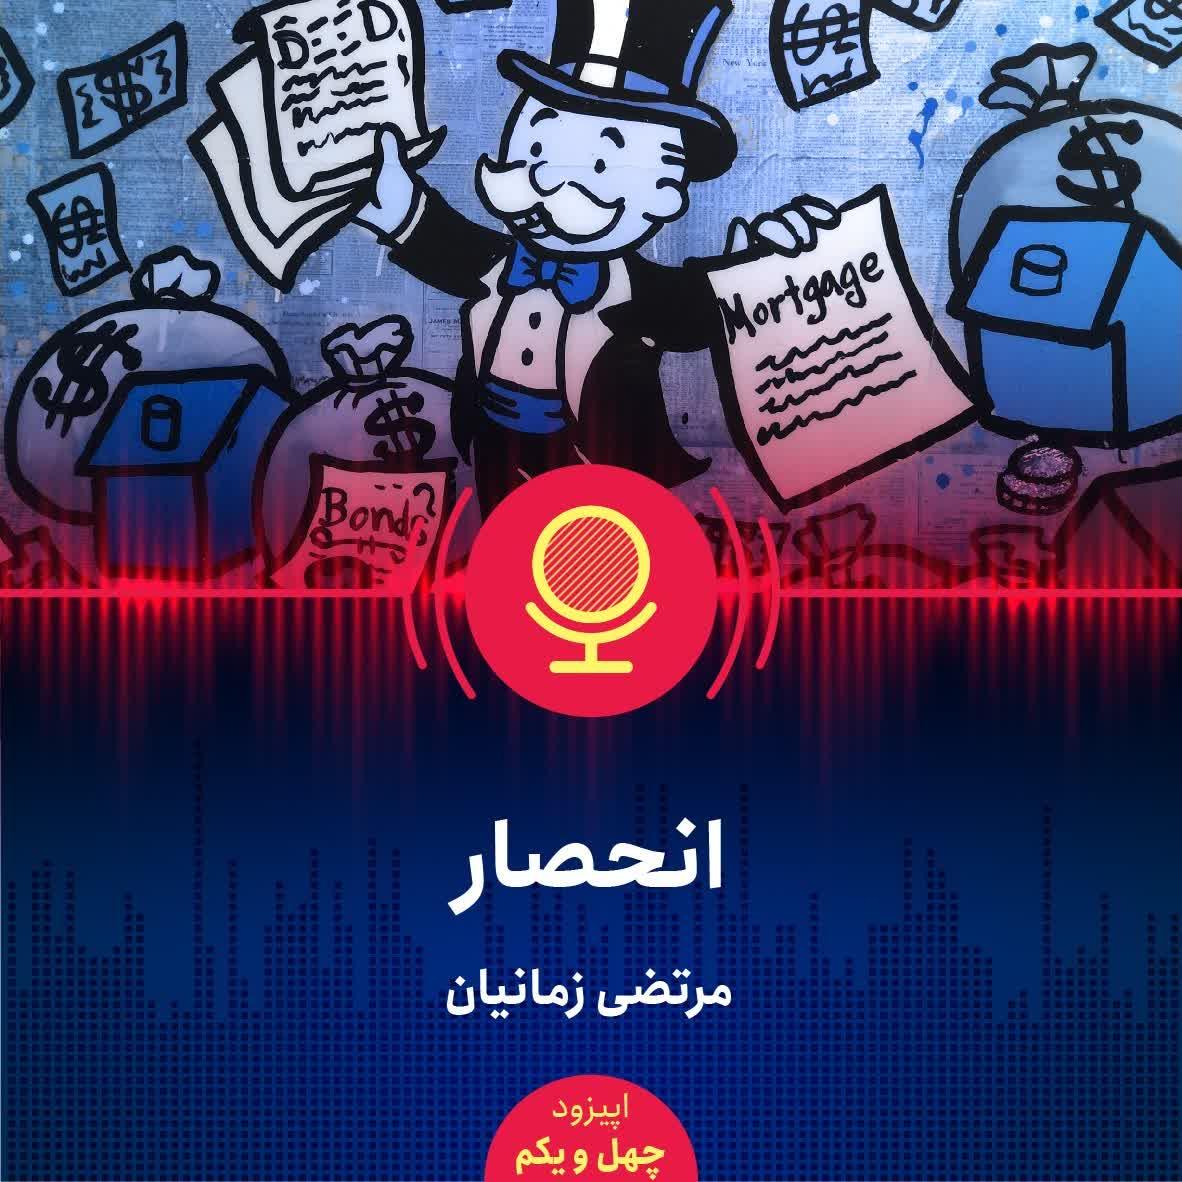 علل اصلی پدیدار شدن انحصار در ایران چیست و این پدیده چه مصادیقی دارد؟